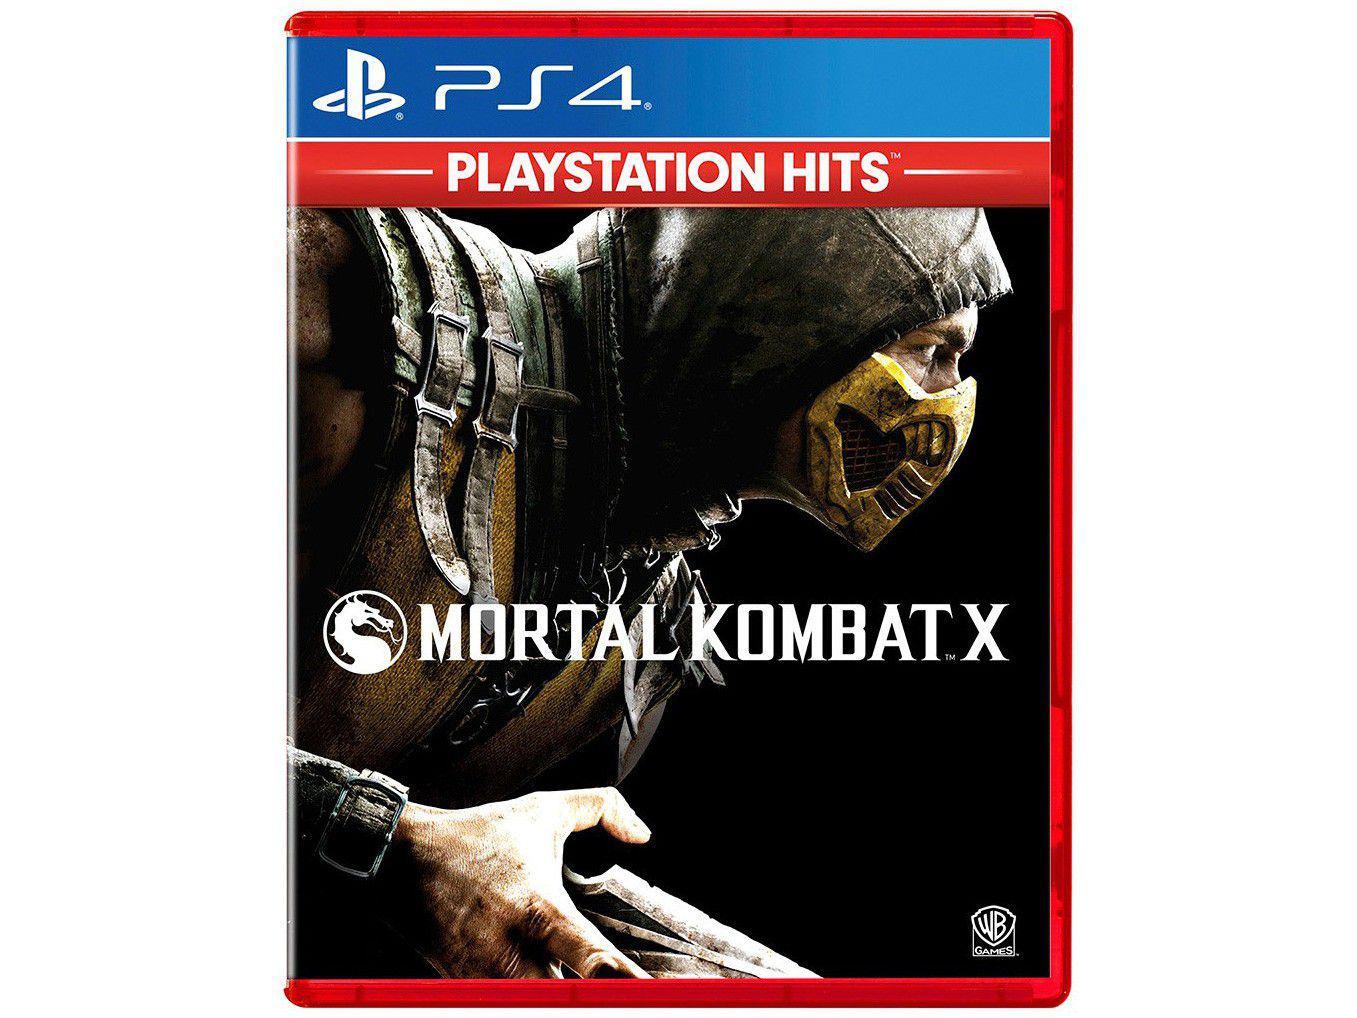 Mortal Kombat X para PS4 NetherRealm Studios - Playstation Hits